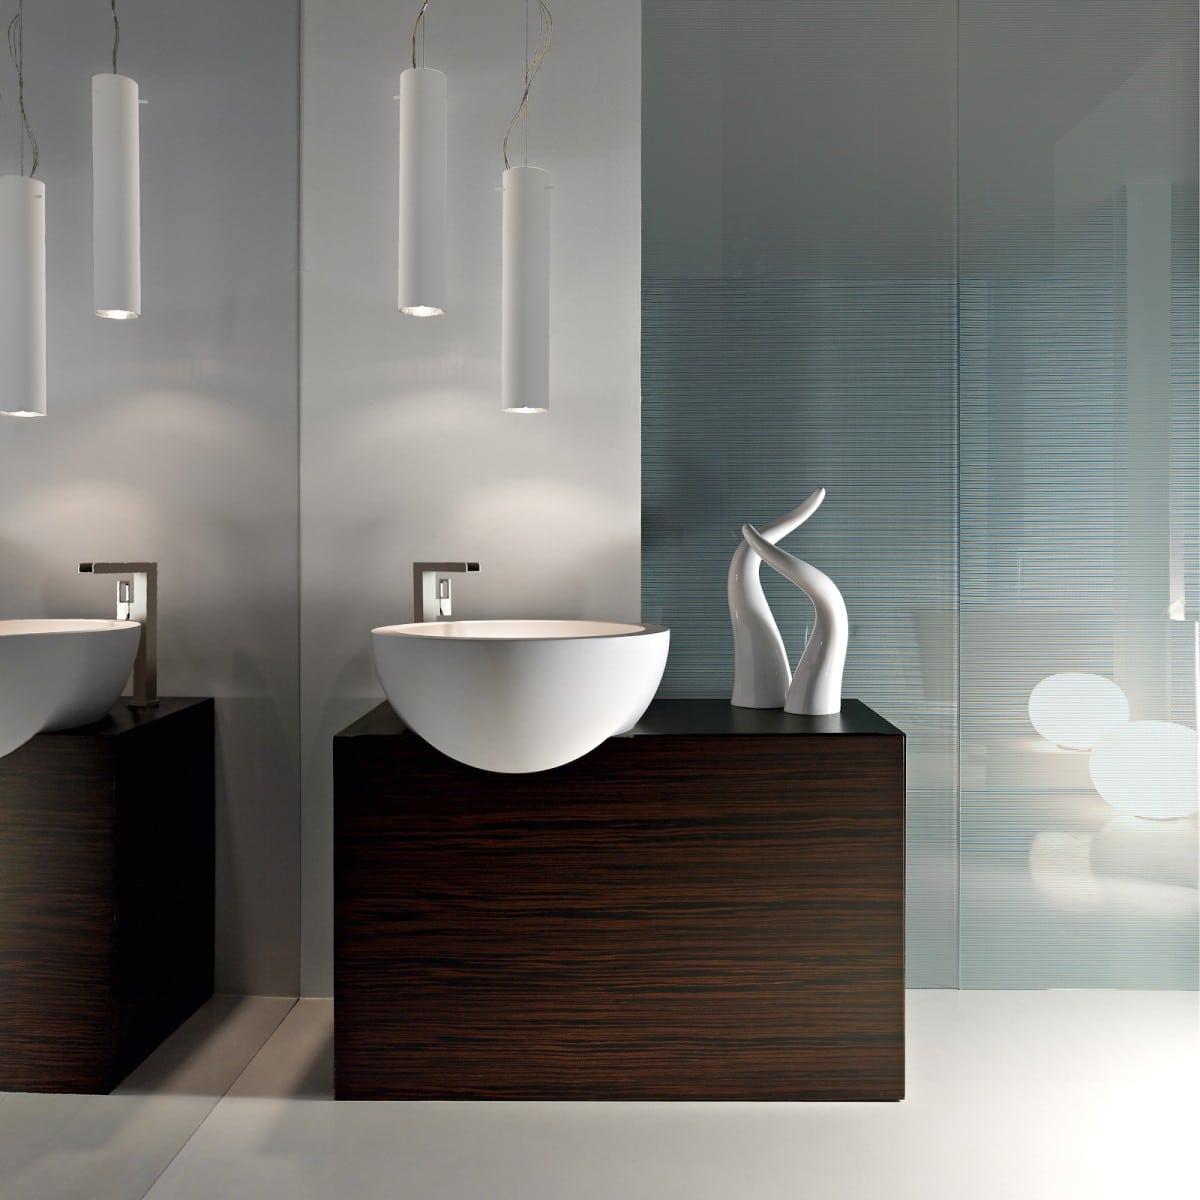 gallery of diseo de cuarto de bao moderno with ceramica baos modernos - Cuartos De Bao Modernos